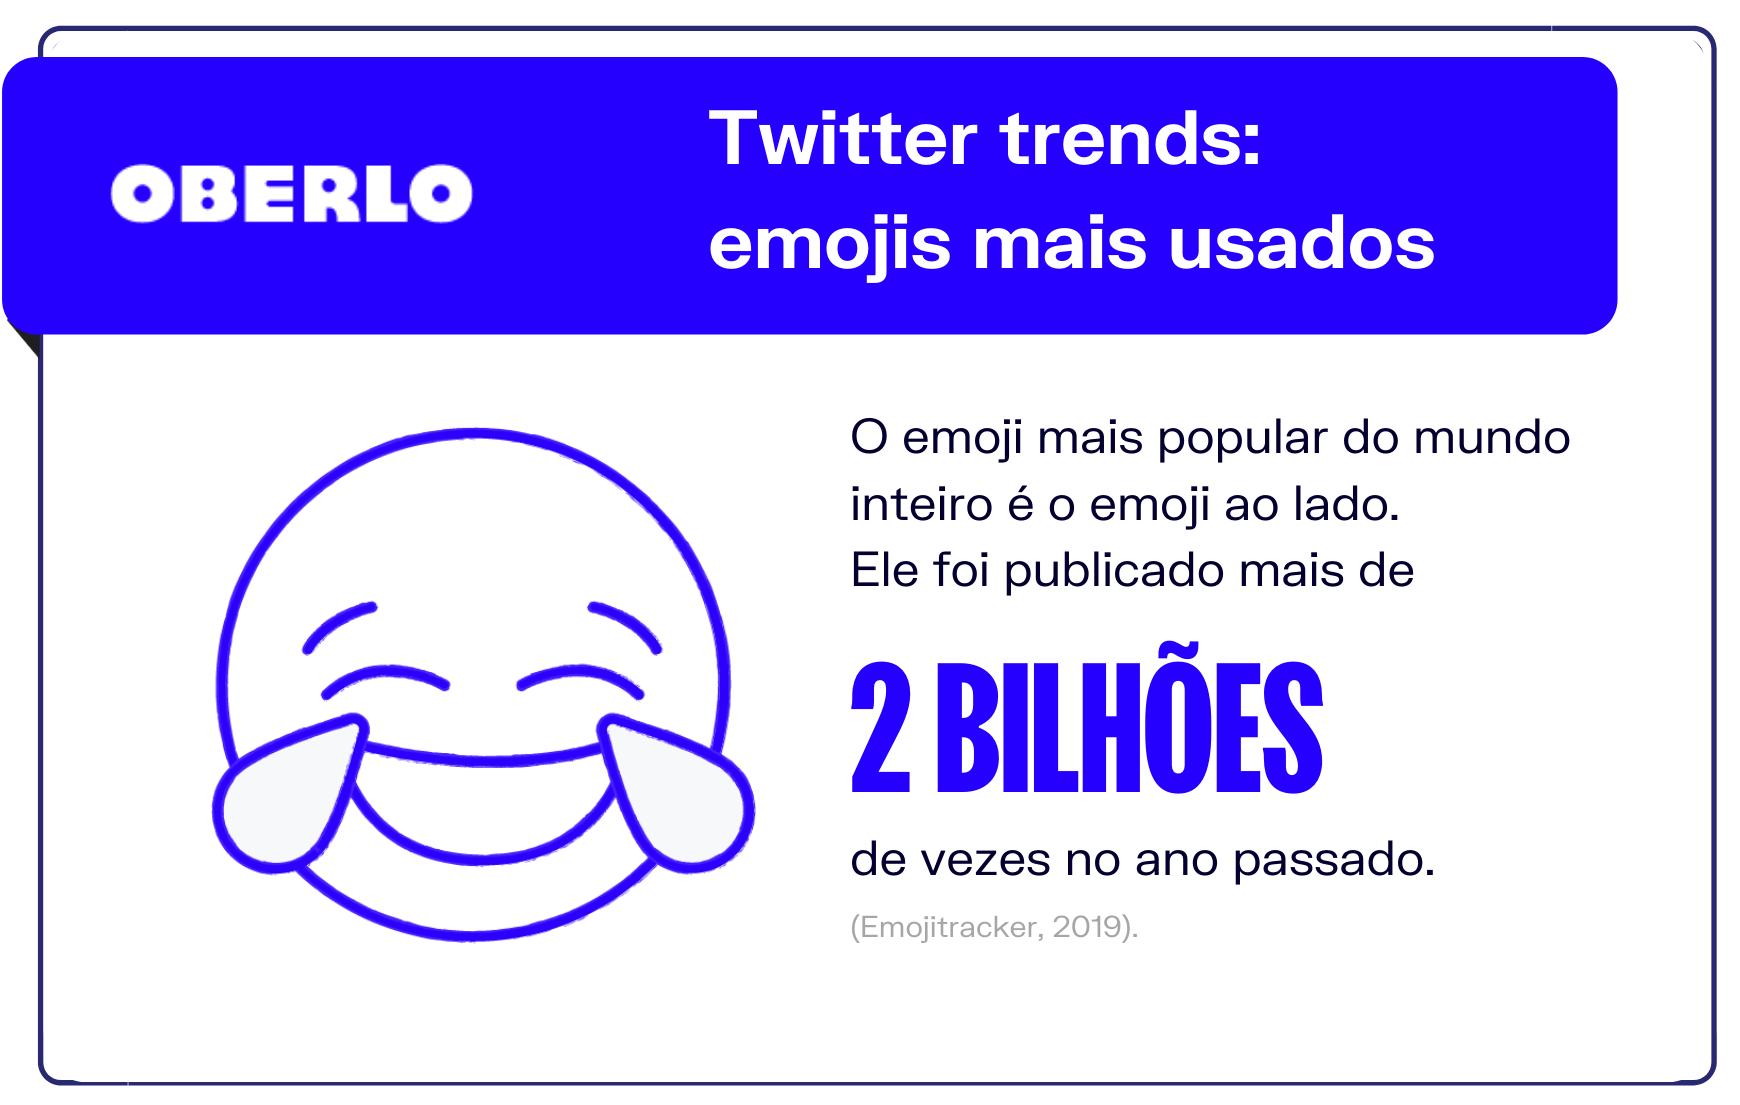 Twitter trends: emojis mais usados